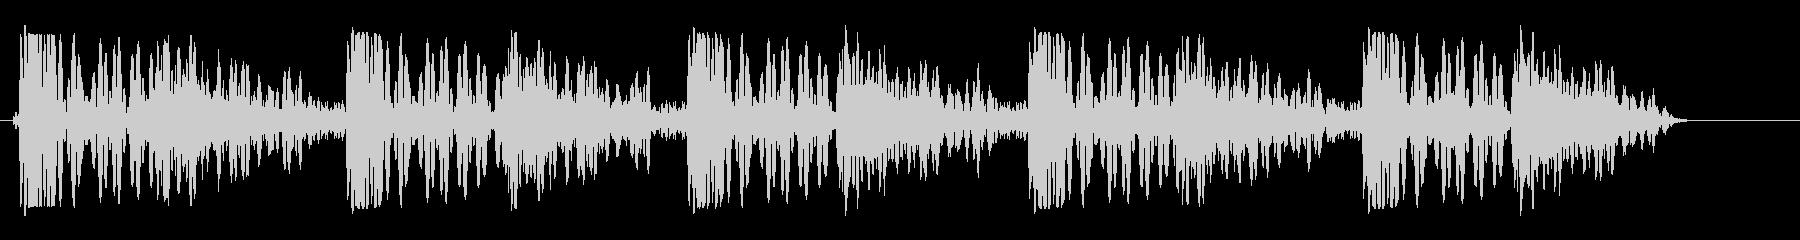 パシパシパシッ(張り手されたような音)の未再生の波形